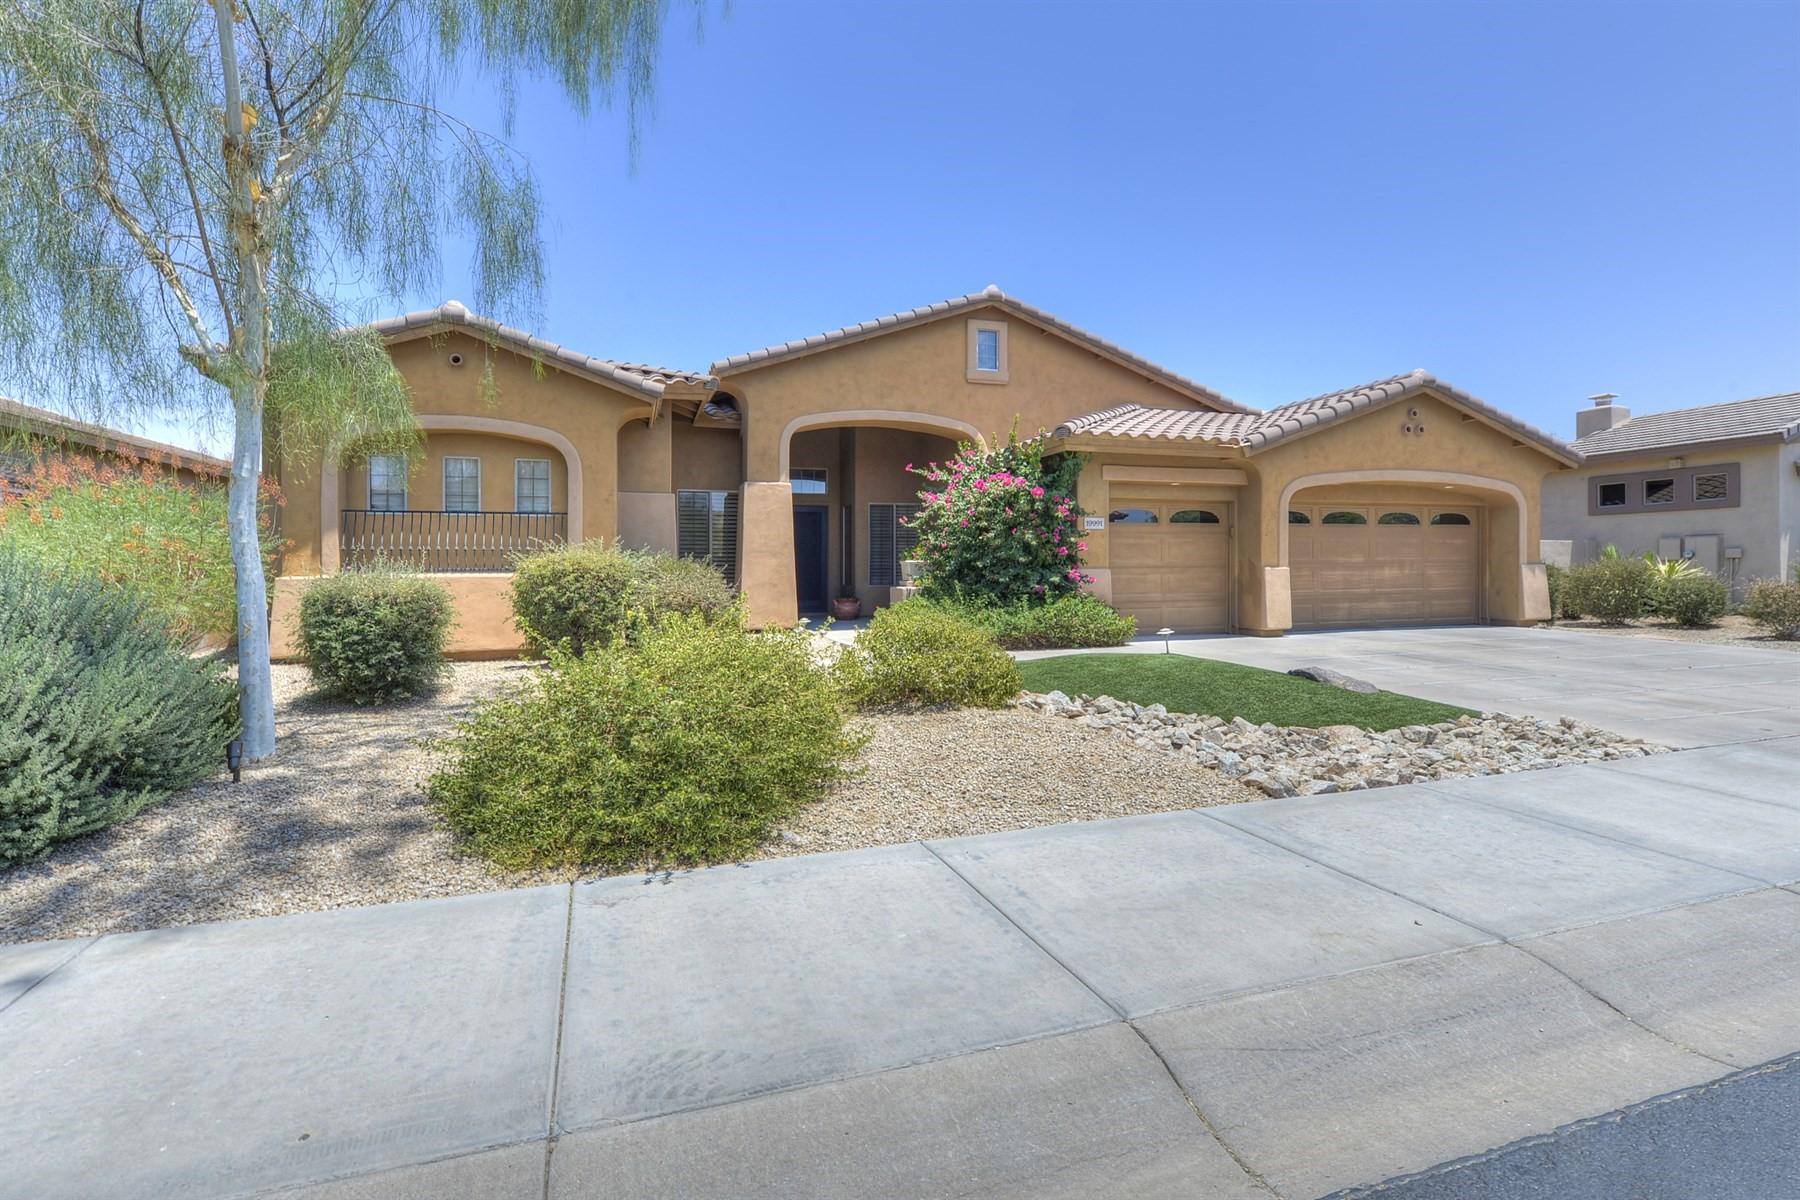 Частный односемейный дом для того Продажа на One of the Most Spectacular Golf Course Lots with Stunning Views 19991 N 84th Way Scottsdale, Аризона, 85255 Соединенные Штаты